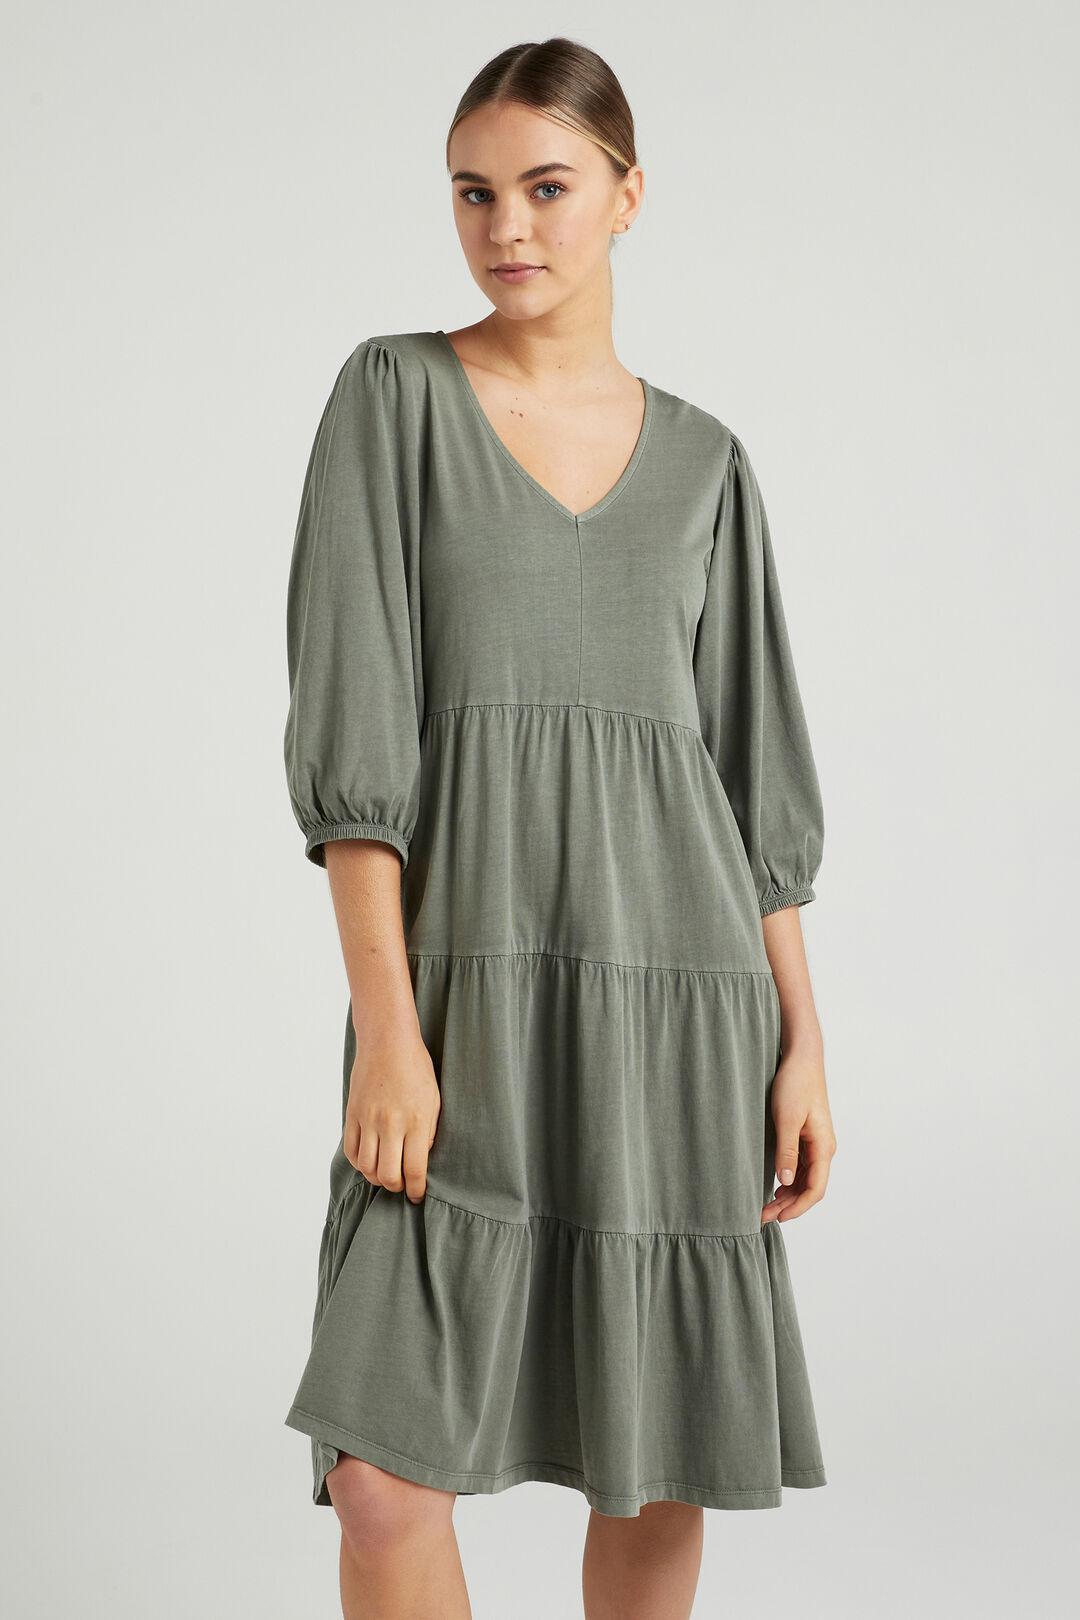 VINTAGE WASH TIERED DRESS  SAGE  hi-res